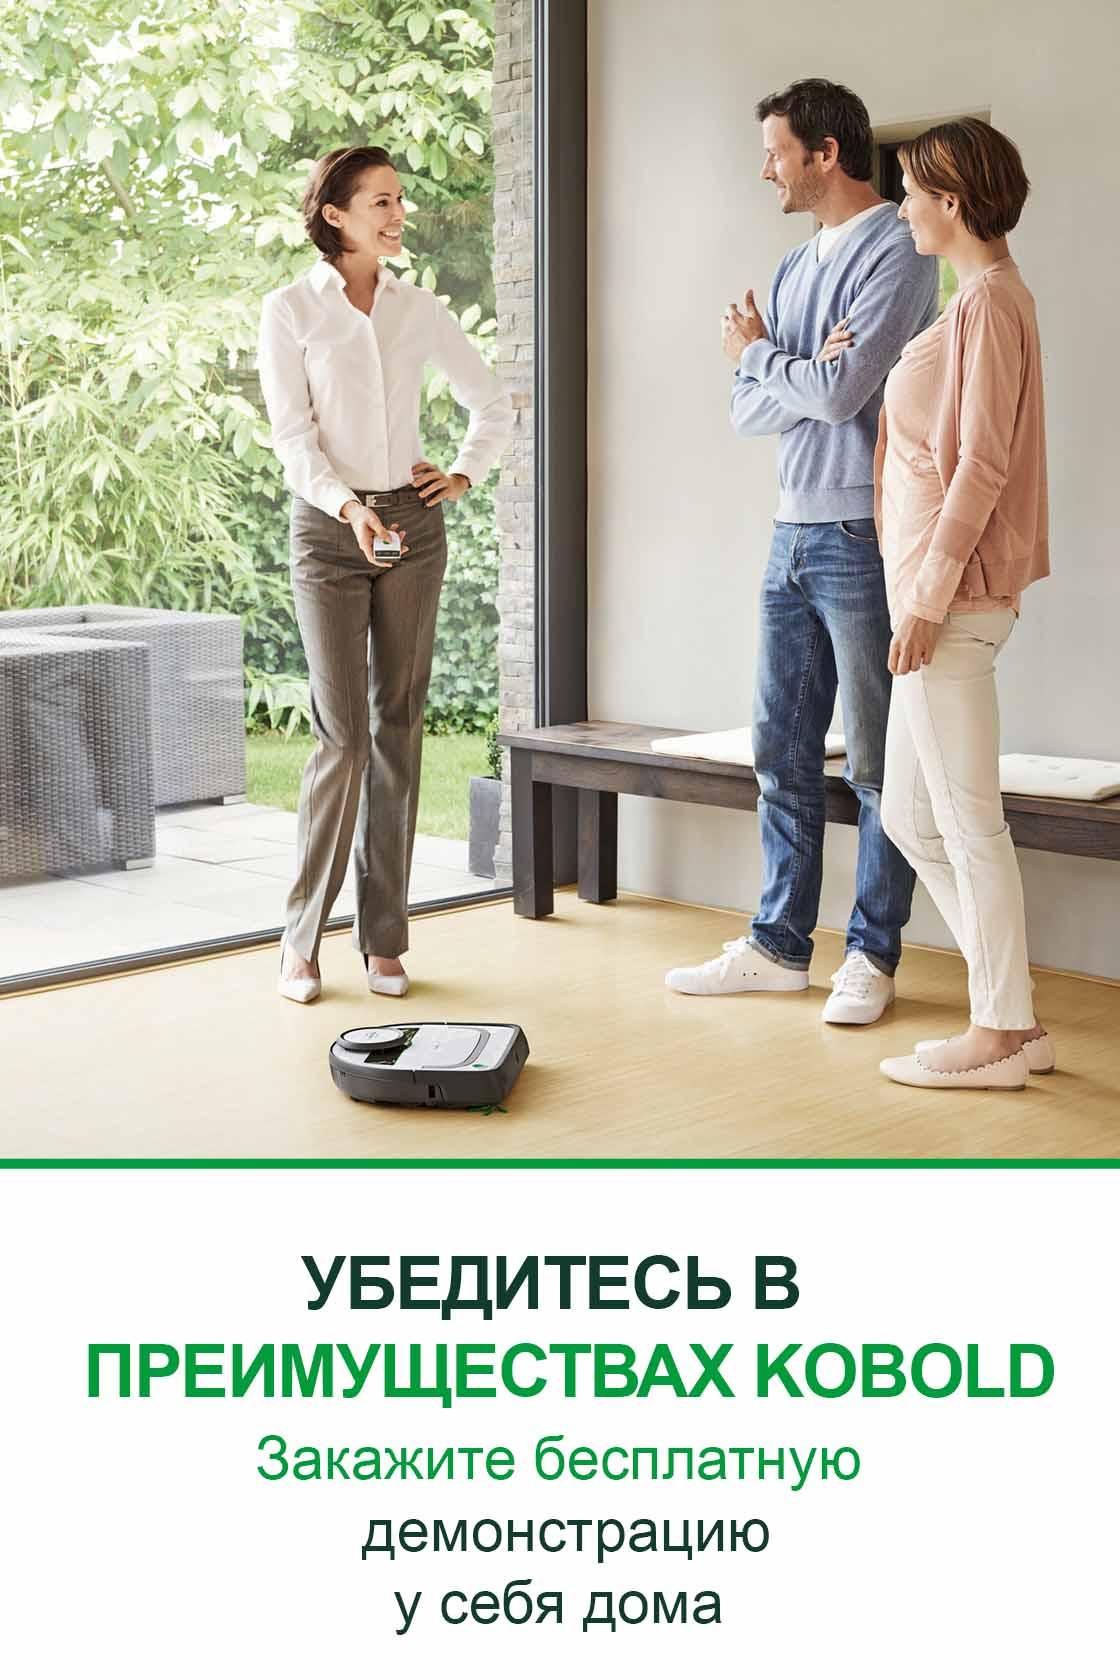 Заказать демонстрацию техники Kobold 1